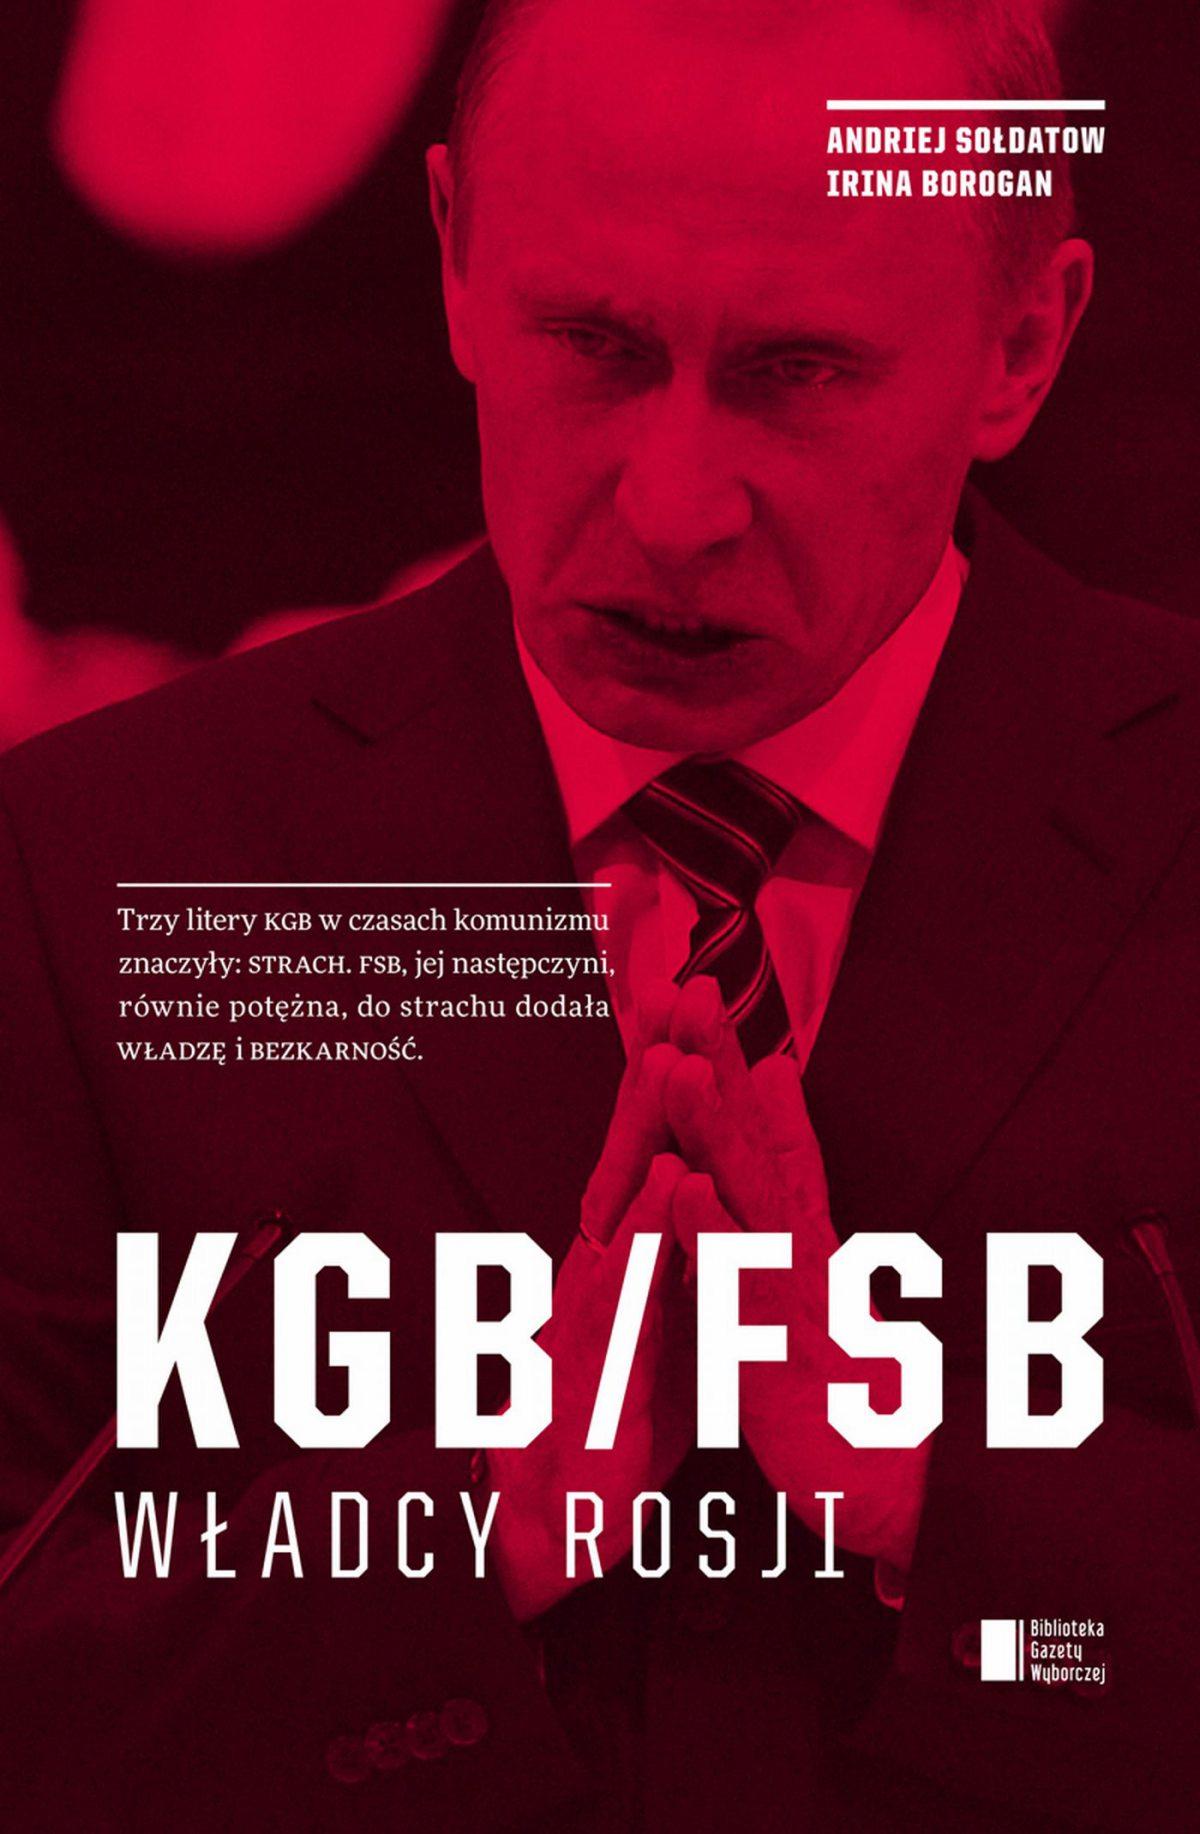 KGB/FSB. Władcy Rosji - Ebook (Książka EPUB) do pobrania w formacie EPUB